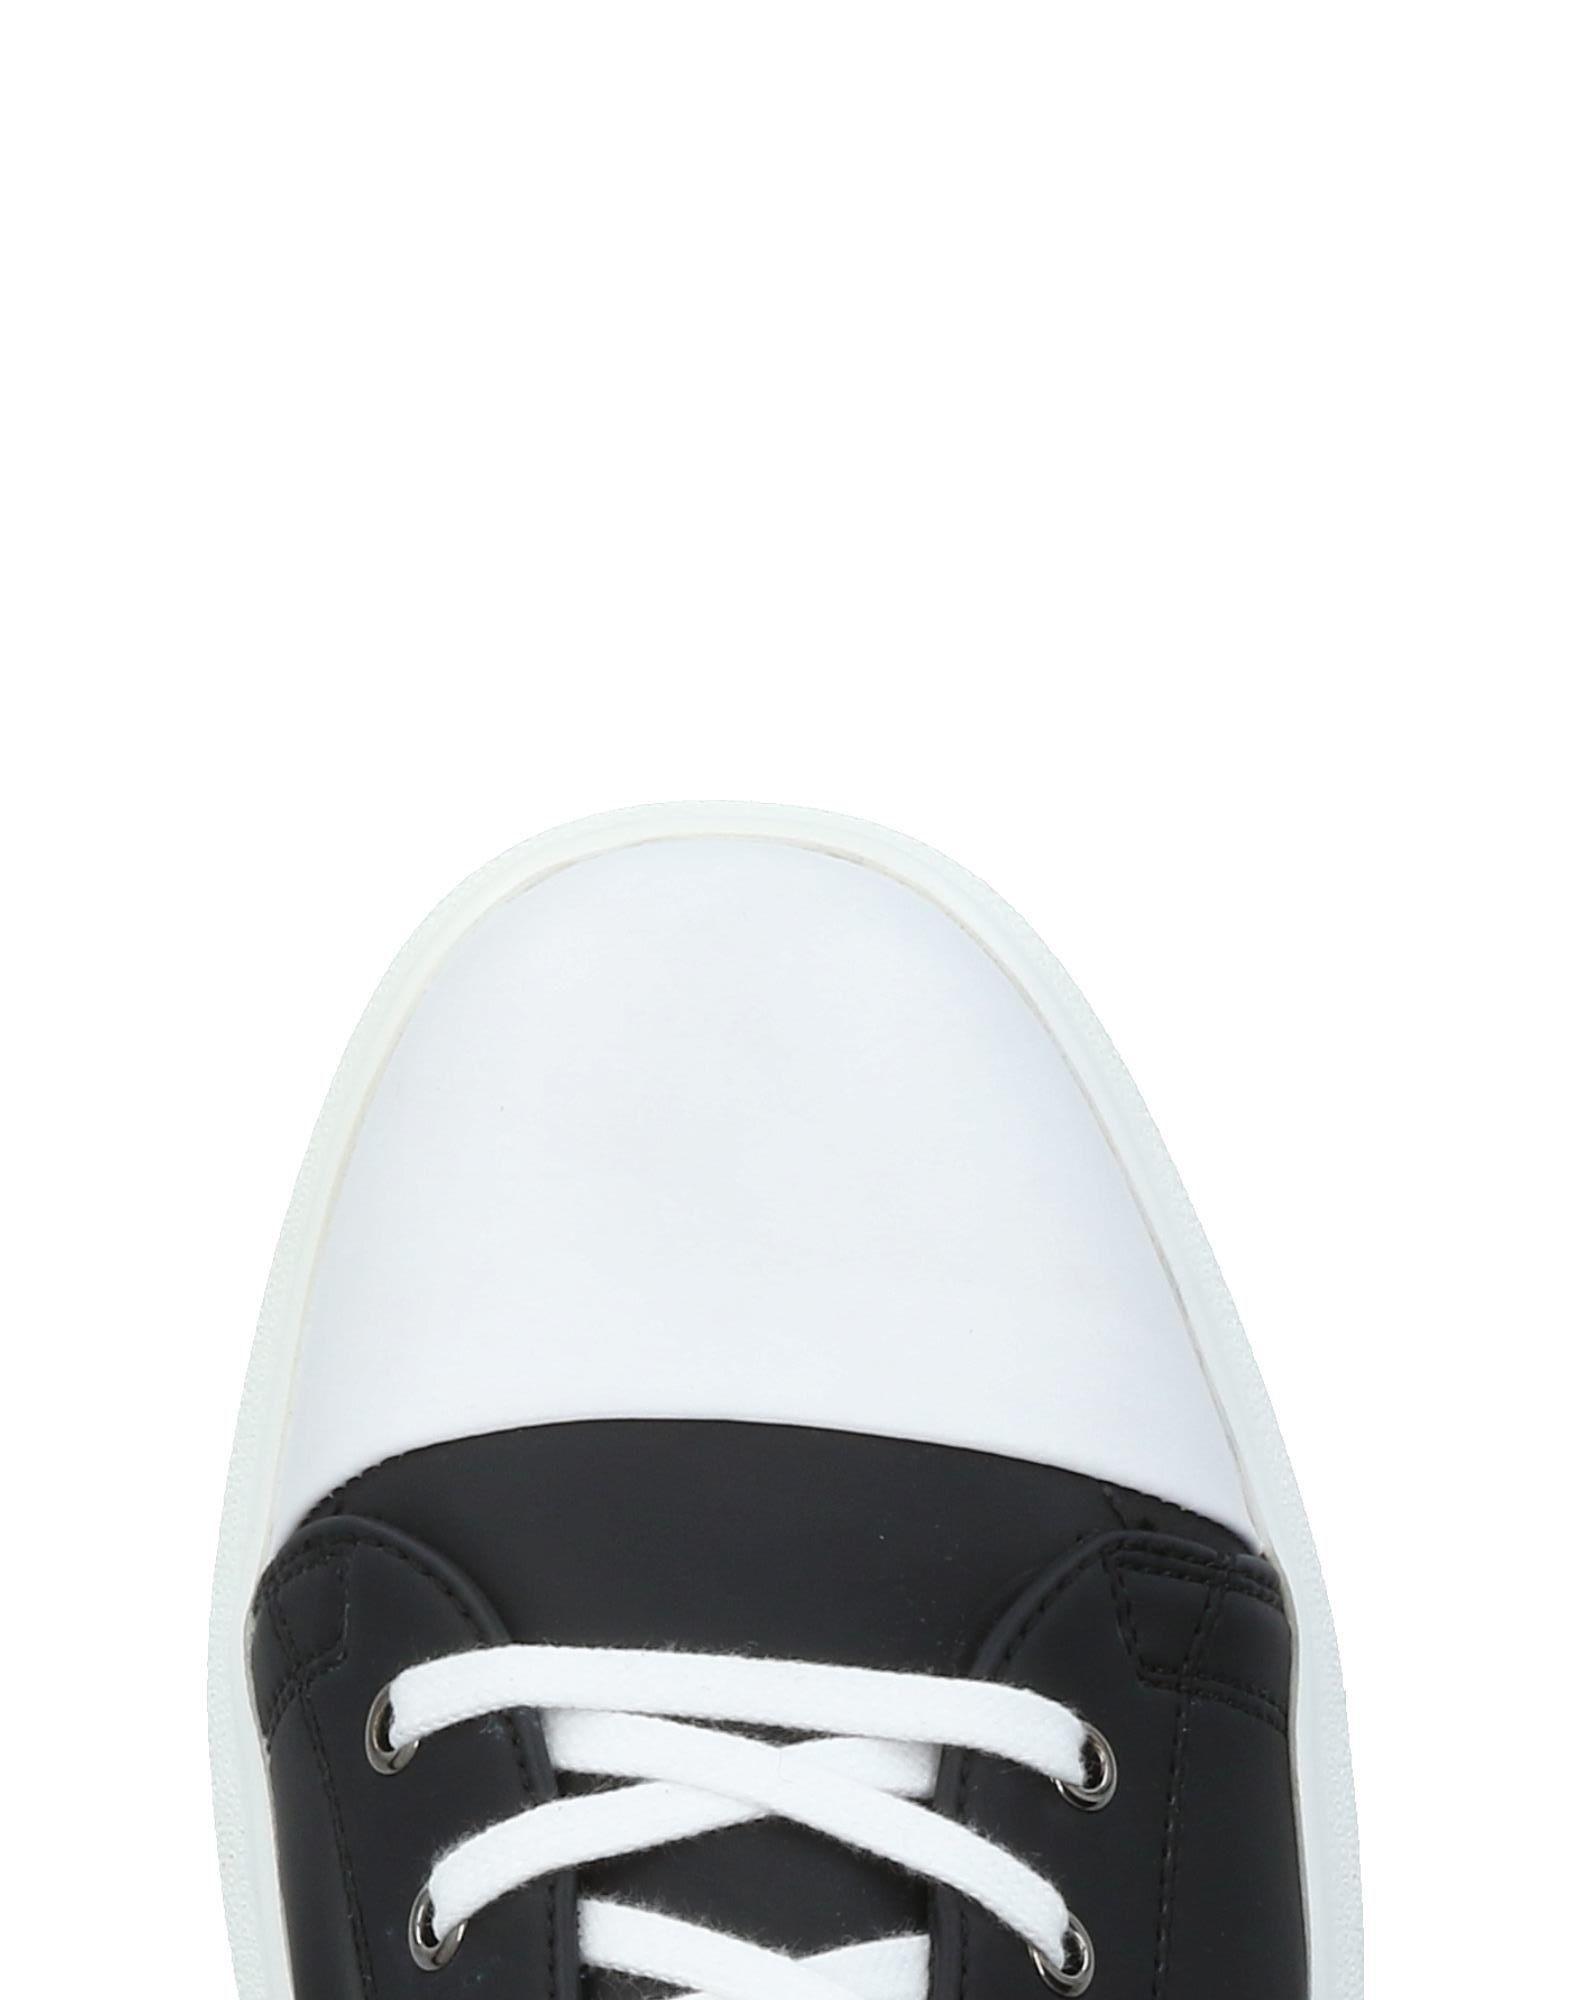 Cinzia sich Araia Sneakers Herren Gutes Preis-Leistungs-Verhältnis, es lohnt sich Cinzia 31d4b6